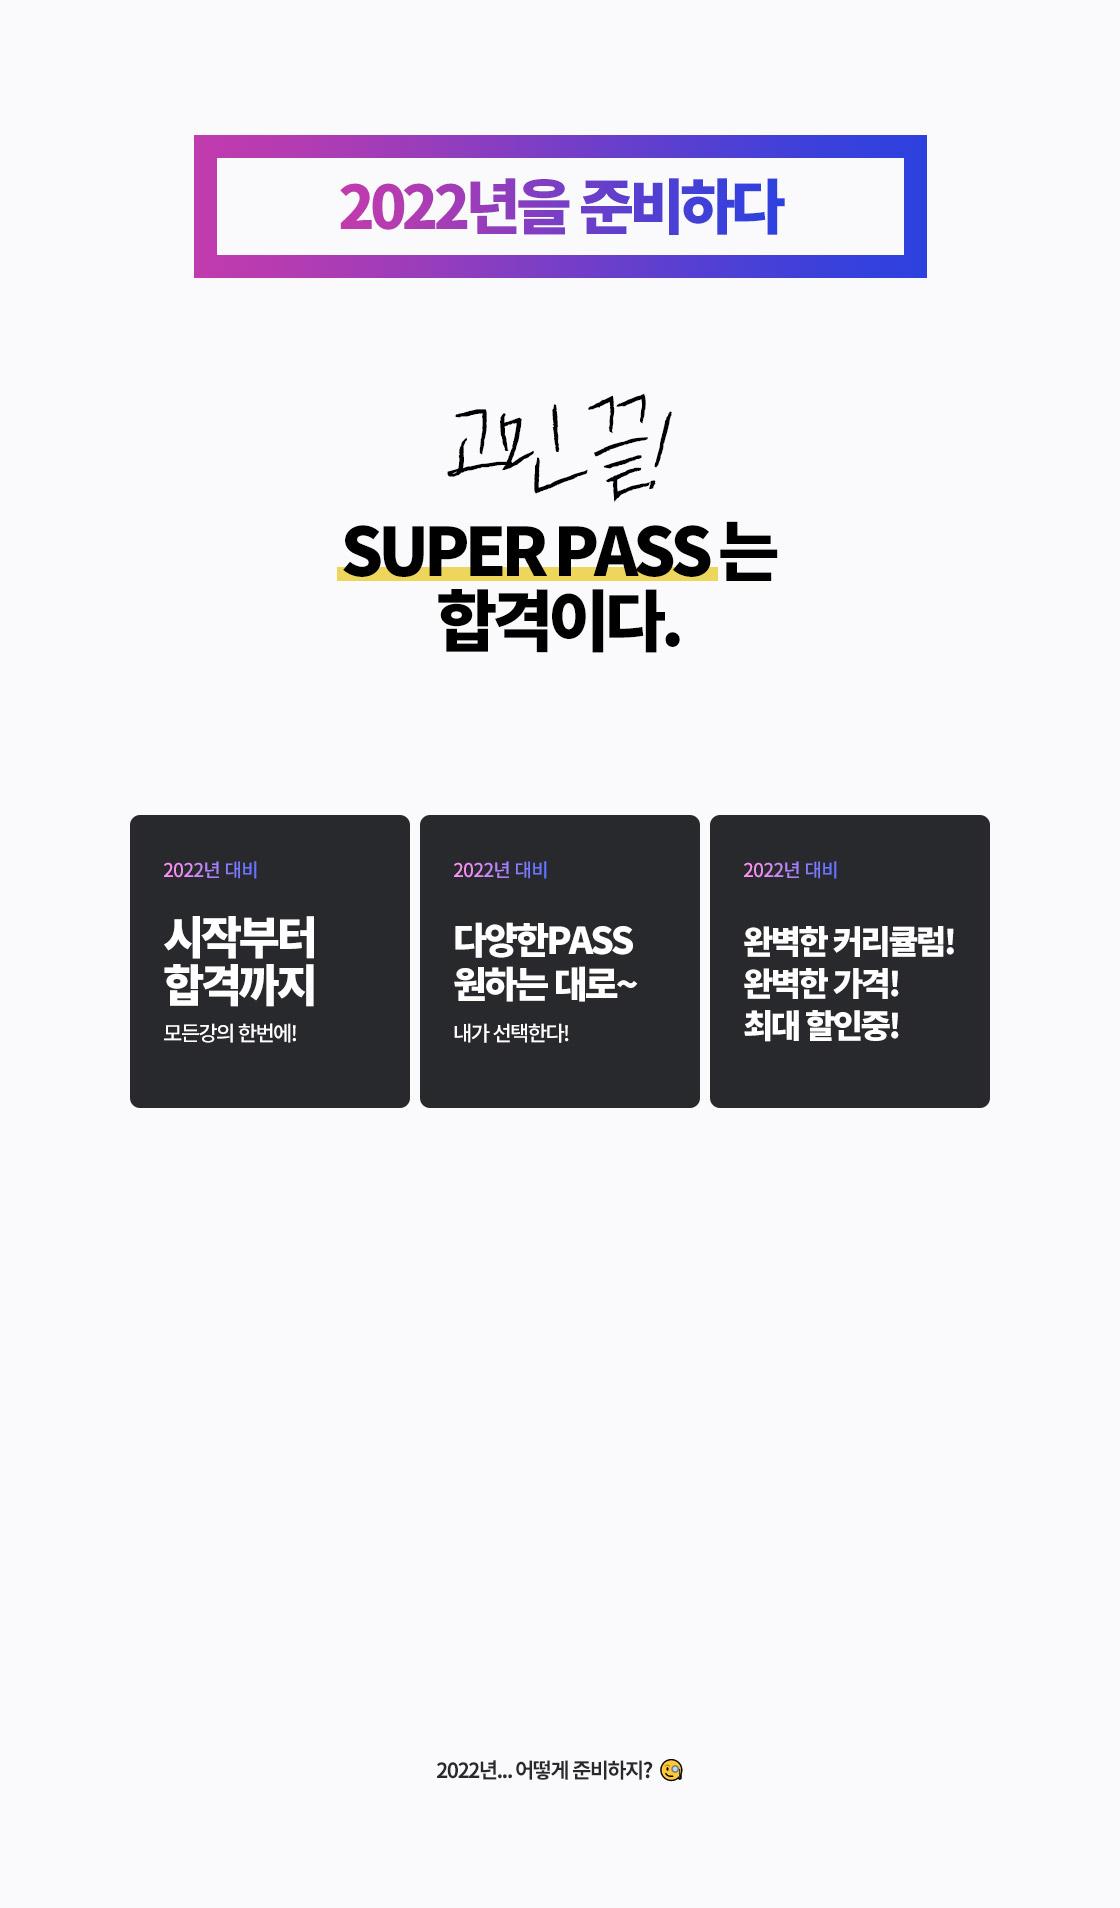 슈퍼pass